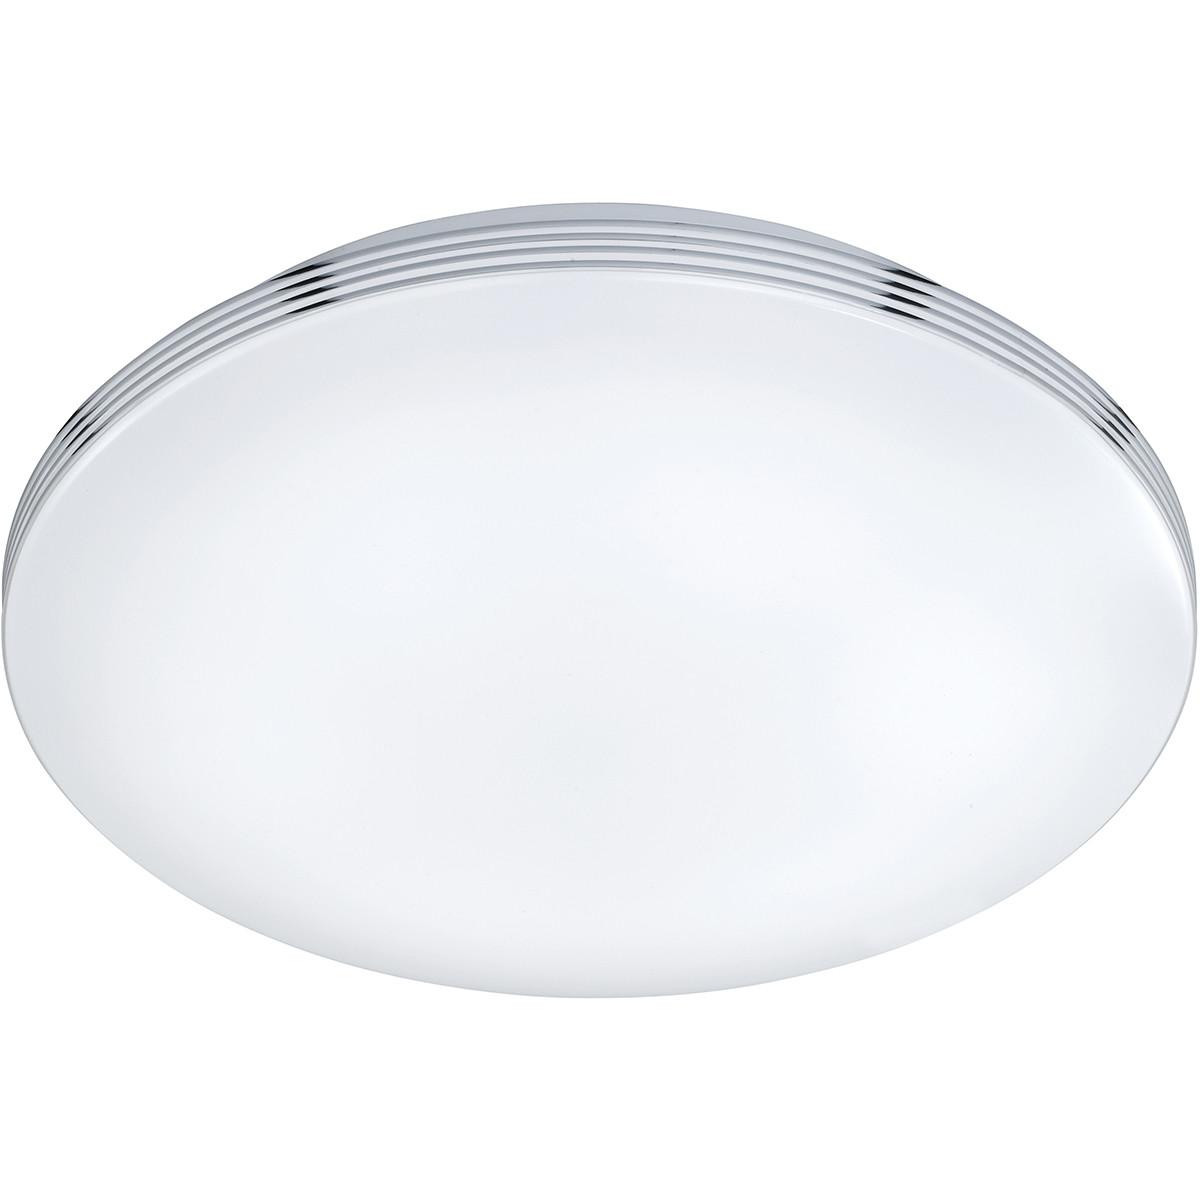 LED Plafondlamp - Trion Apity - Opbouw Rond 18W - Spatwaterdicht IP44 - Warm Wit 3000K - Glans Chroo